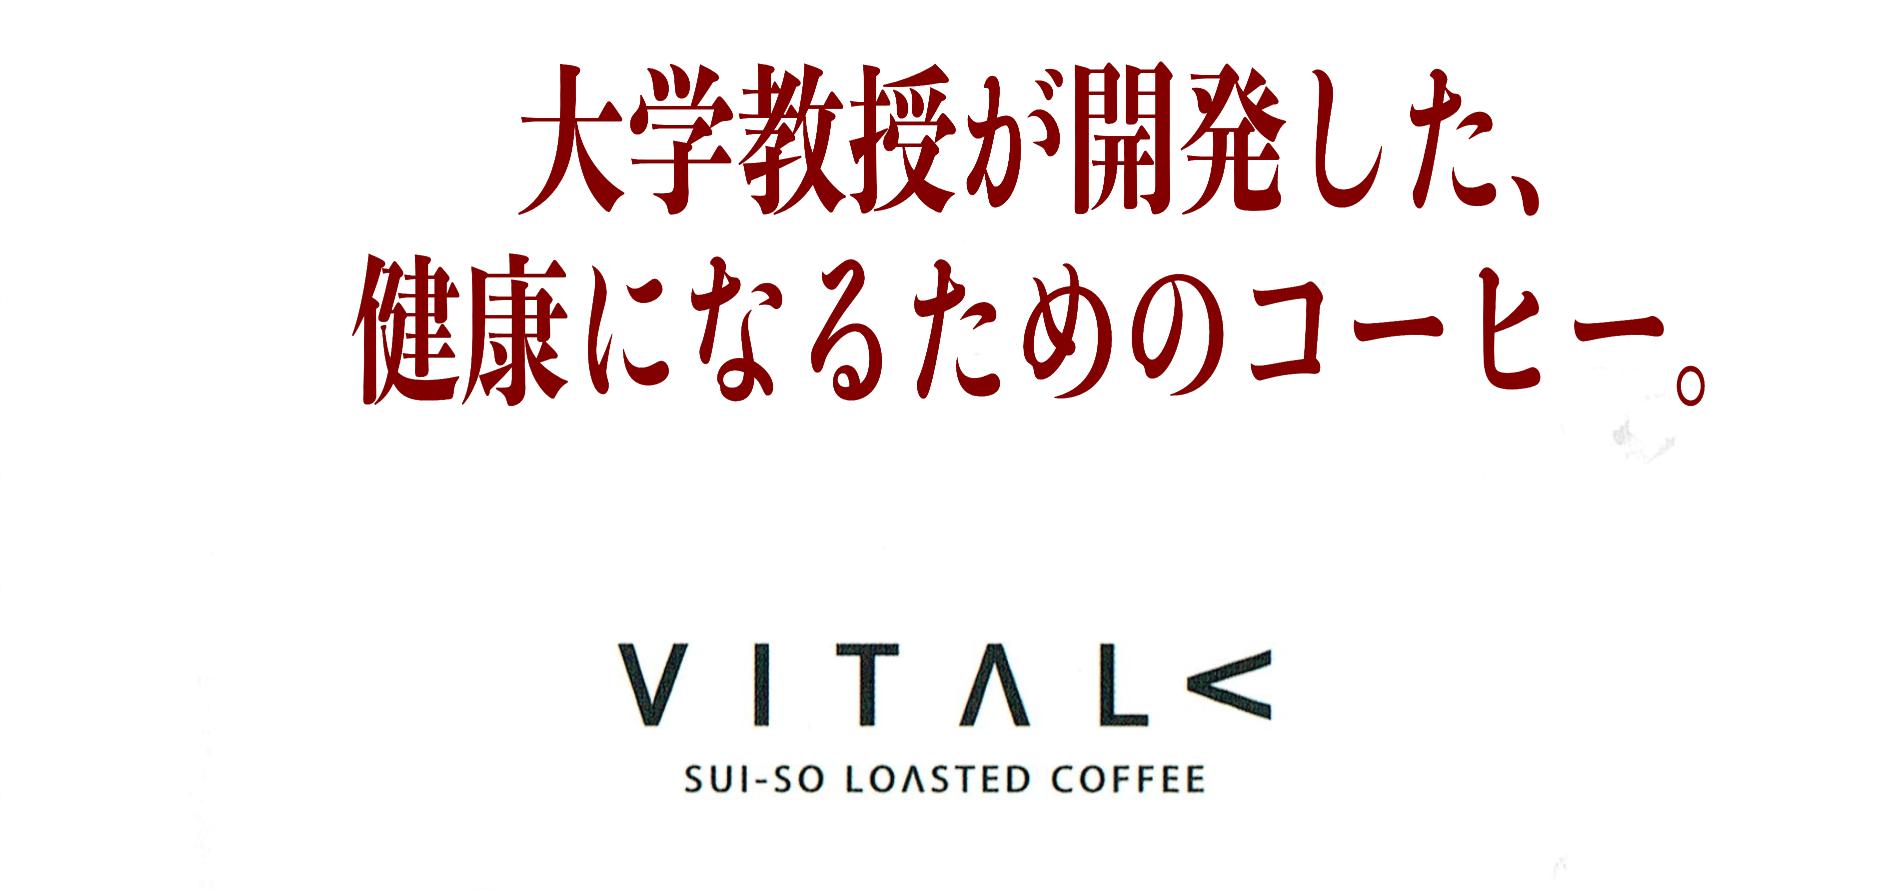 VITALロゴ